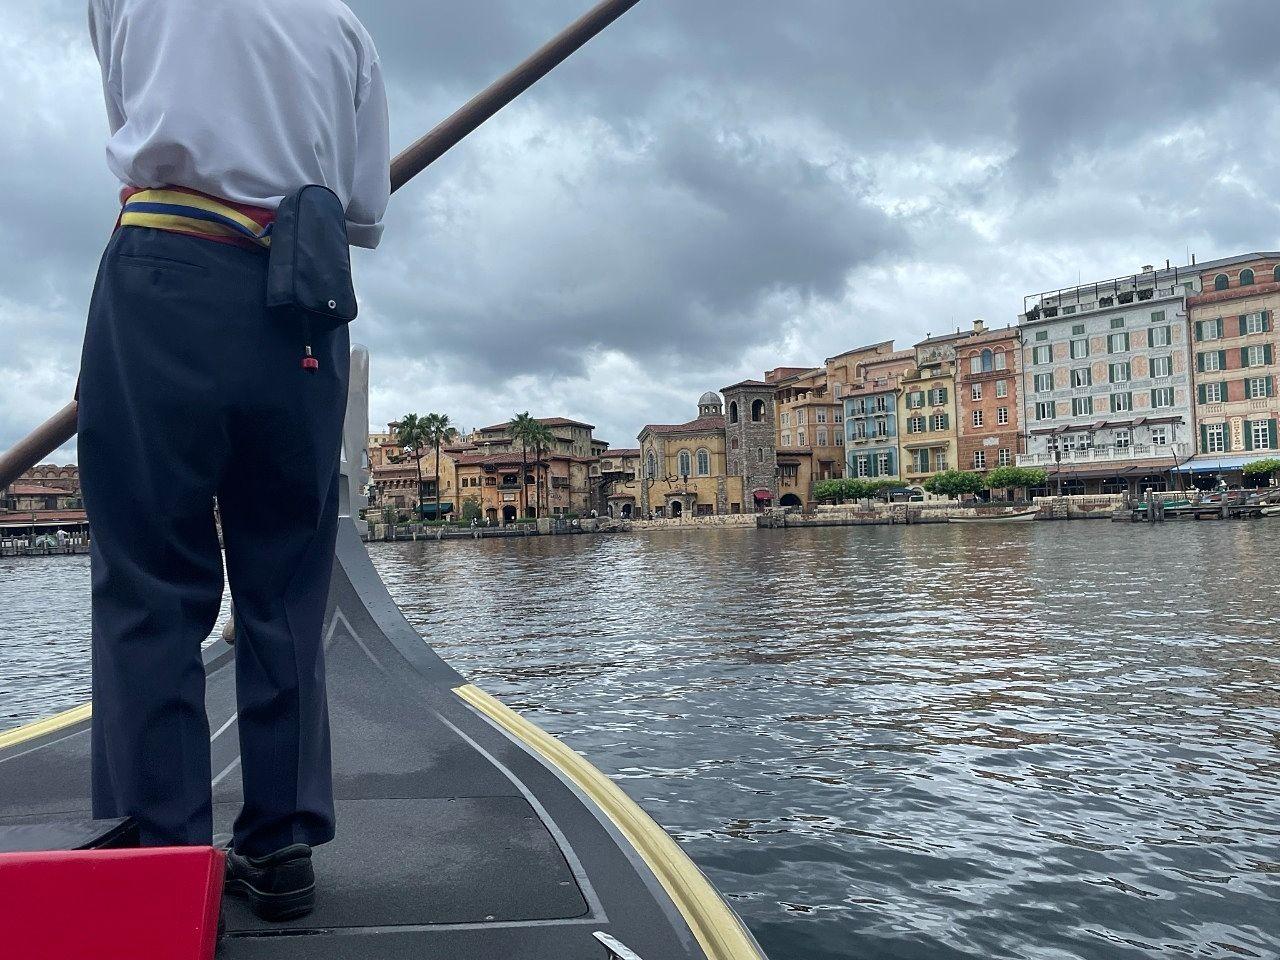 ゴンドラ、雰囲気あっておすすめですよ。ヴェネツィア気分。